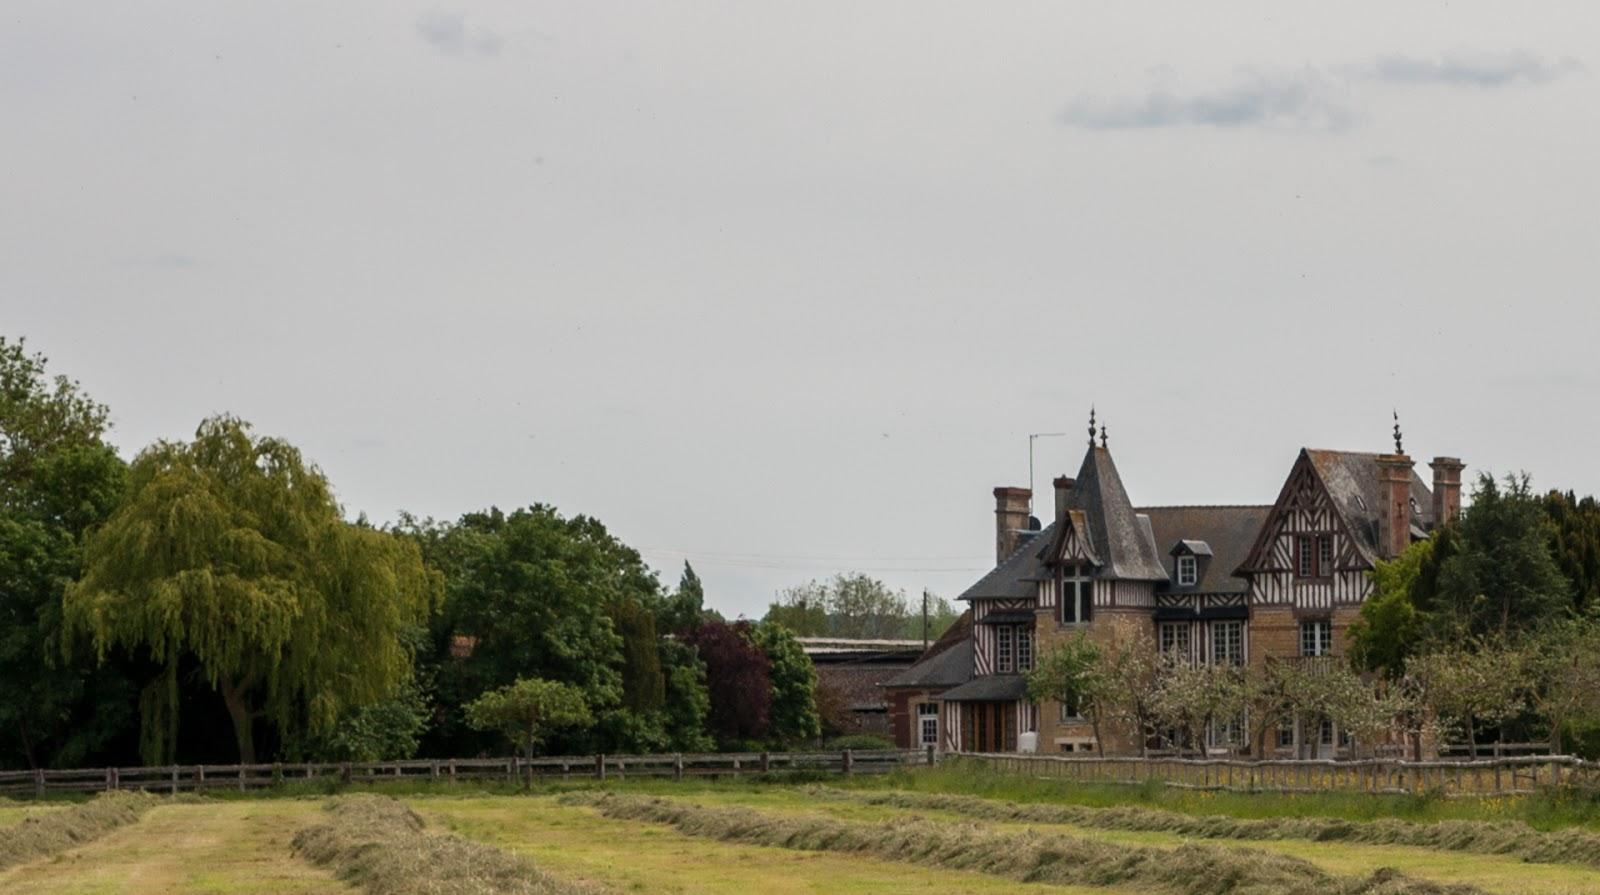 manoir de grandchamp pays d'auge normandie